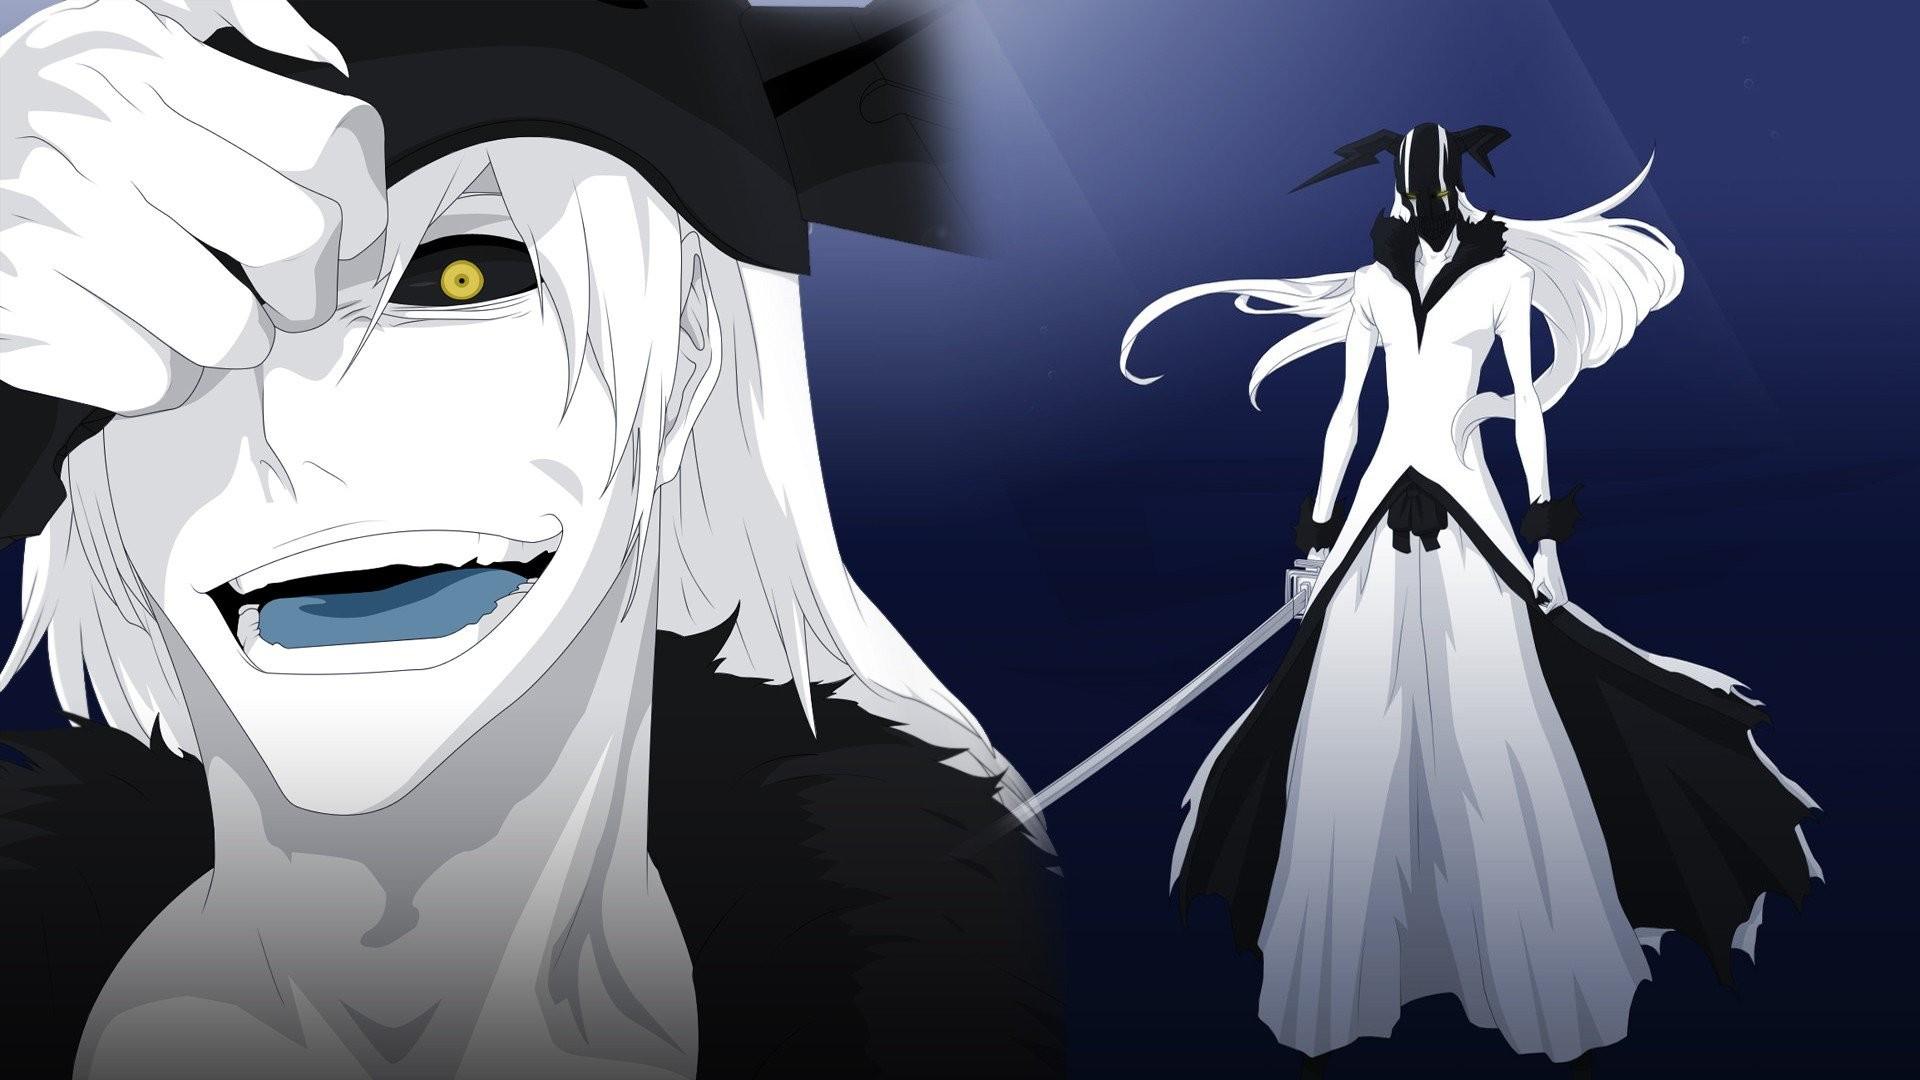 Ichigo Hollow wallpaper by Mask on deviantART Anime and Manga Hollow Ichigo Wallpapers  Wallpapers)